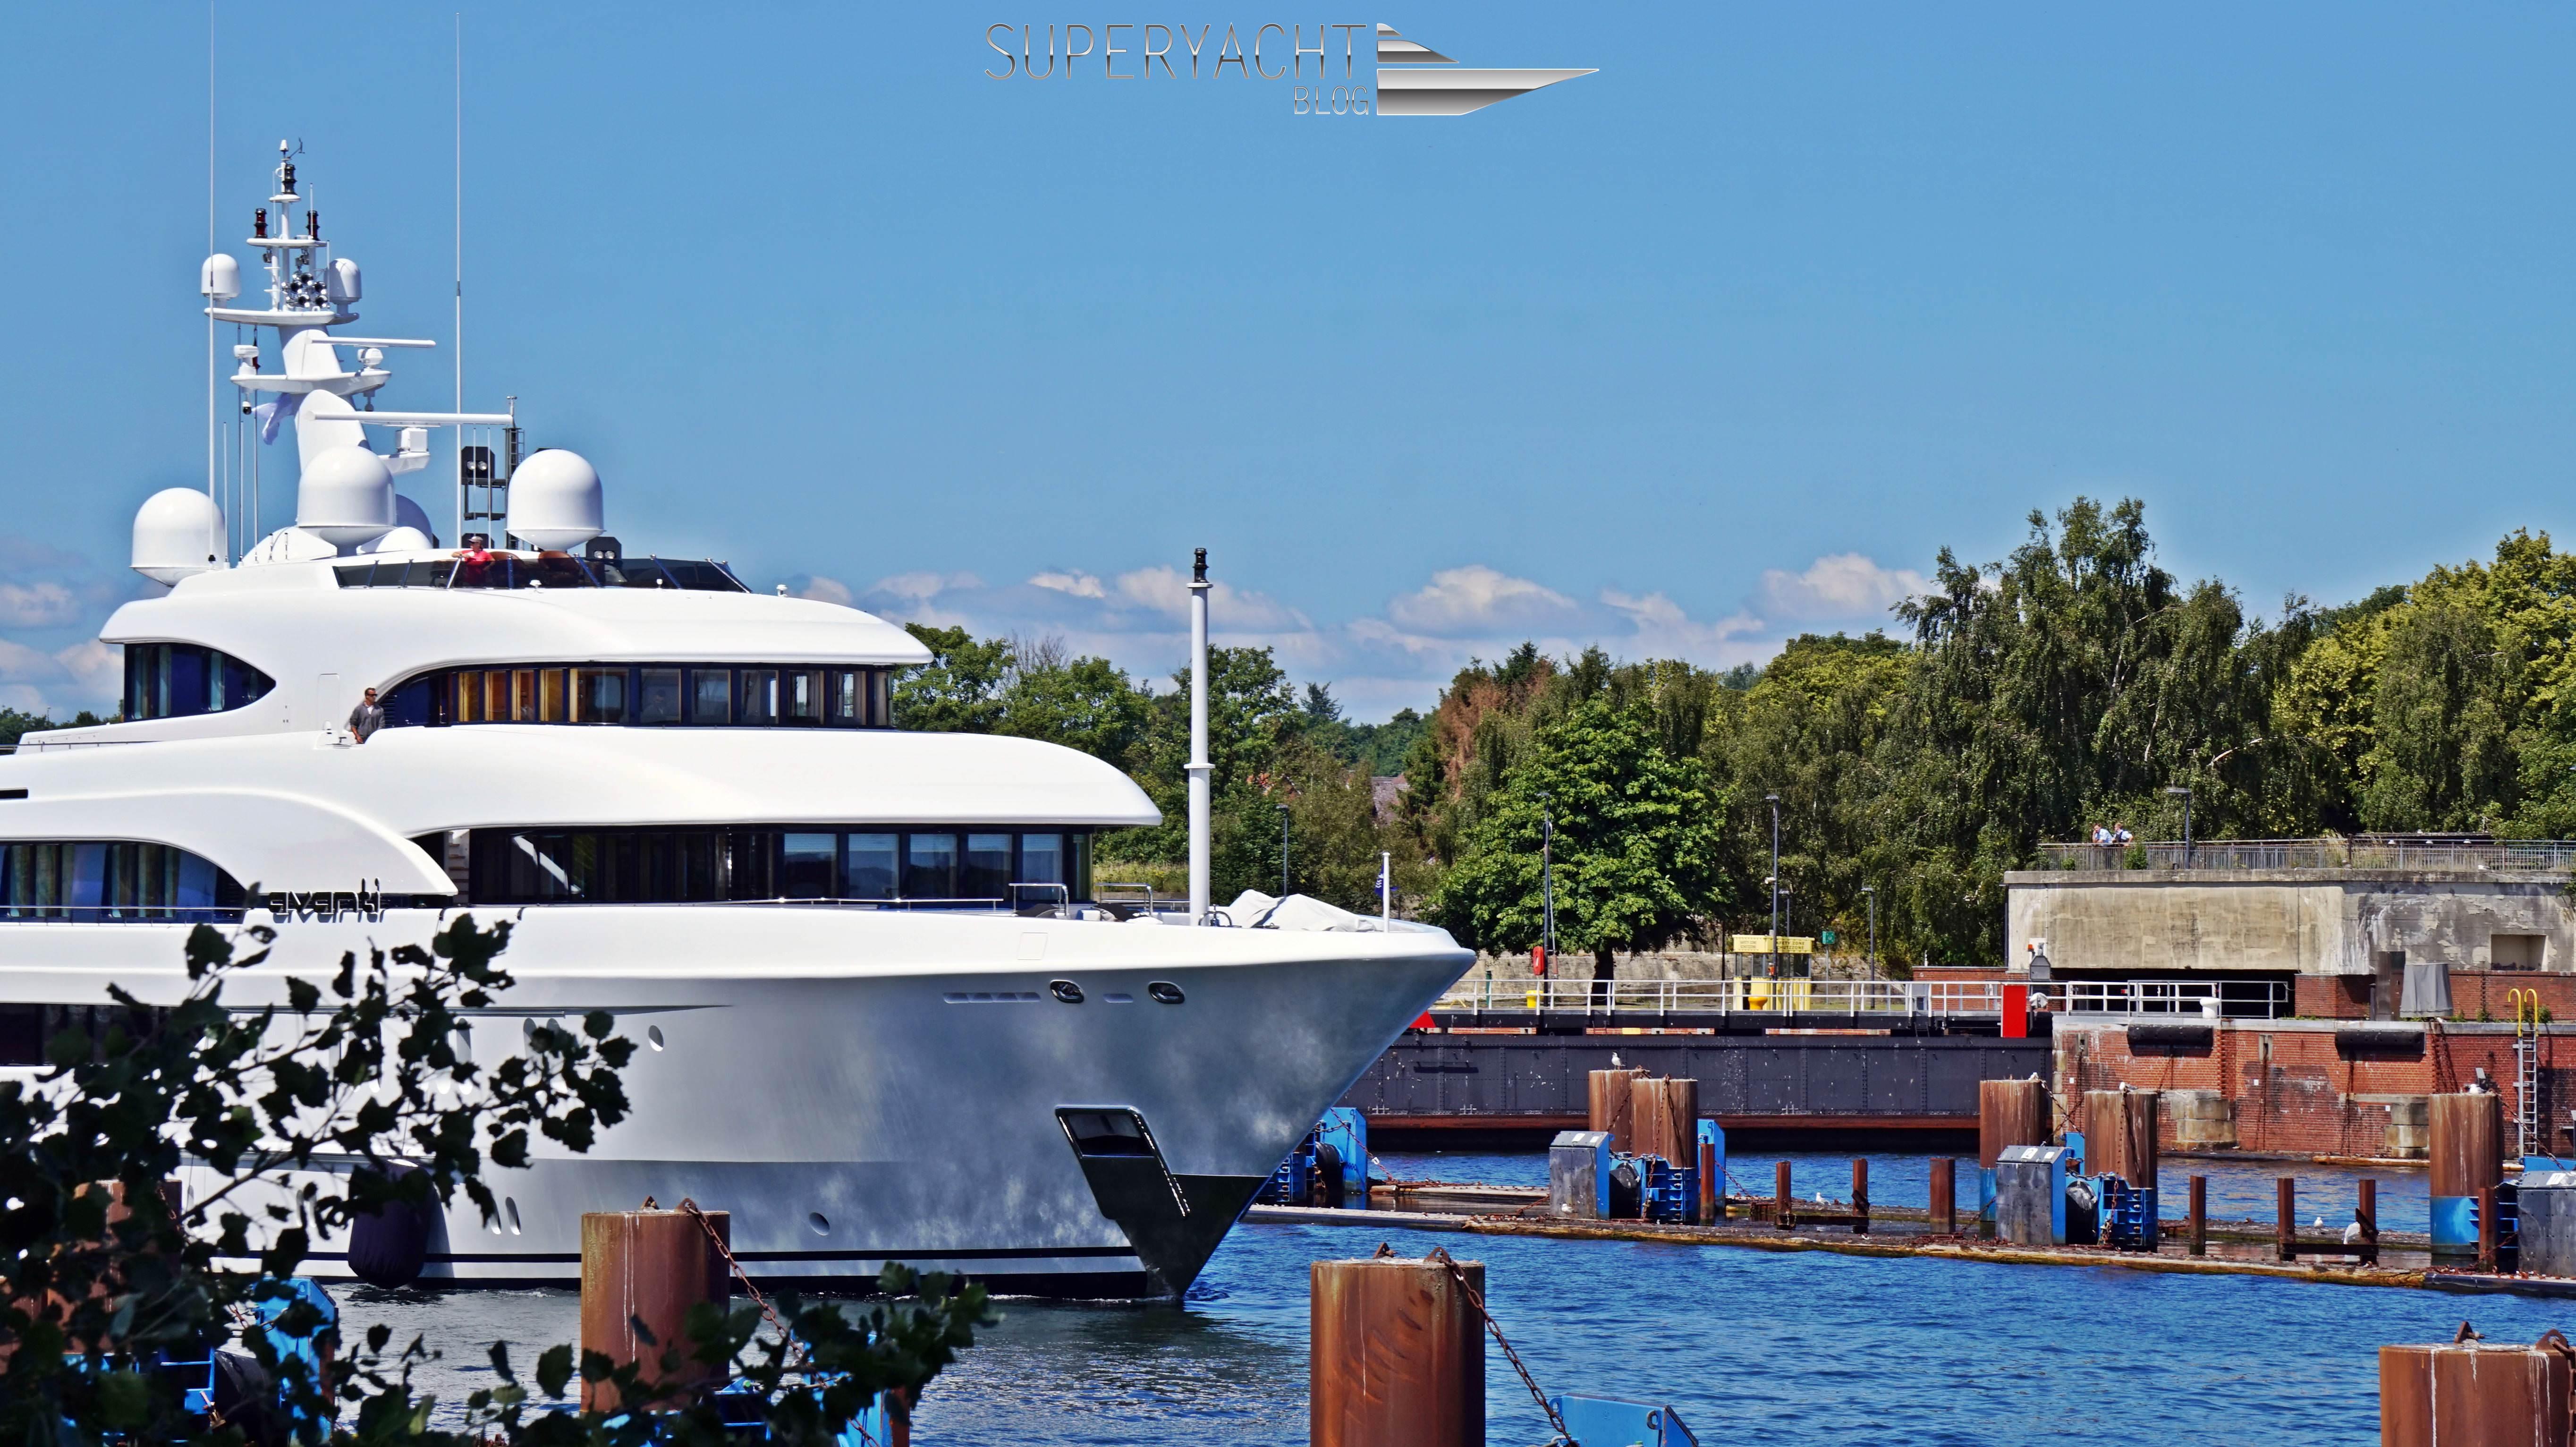 Avanti Lürssen Superyacht Kiel Superyachtblog (5)